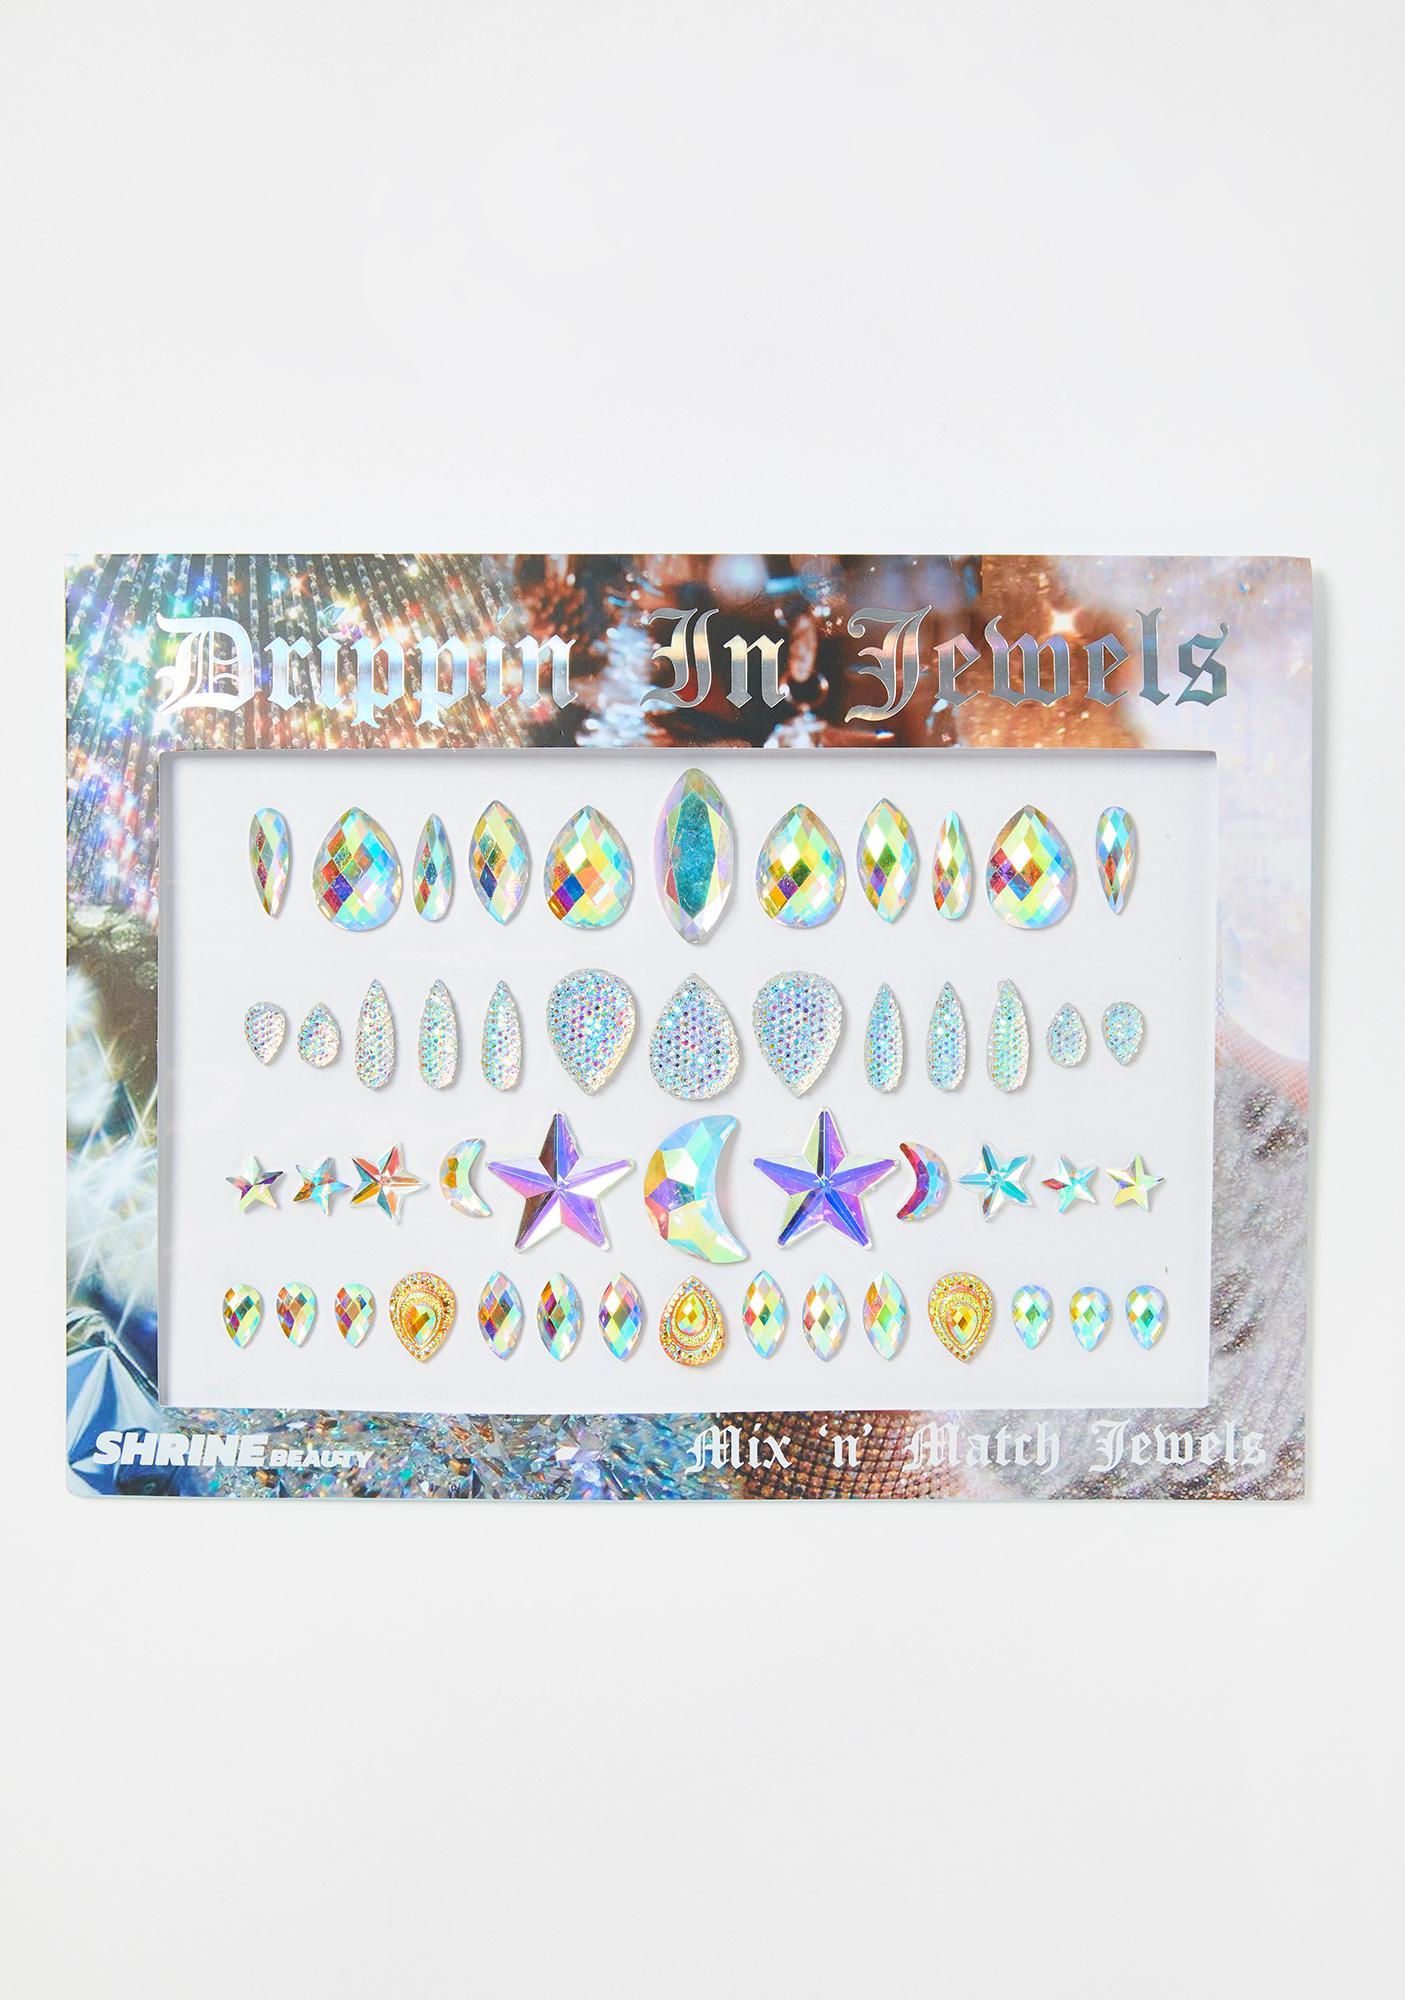 SHRINE Drippin' Mix & Match Jewels